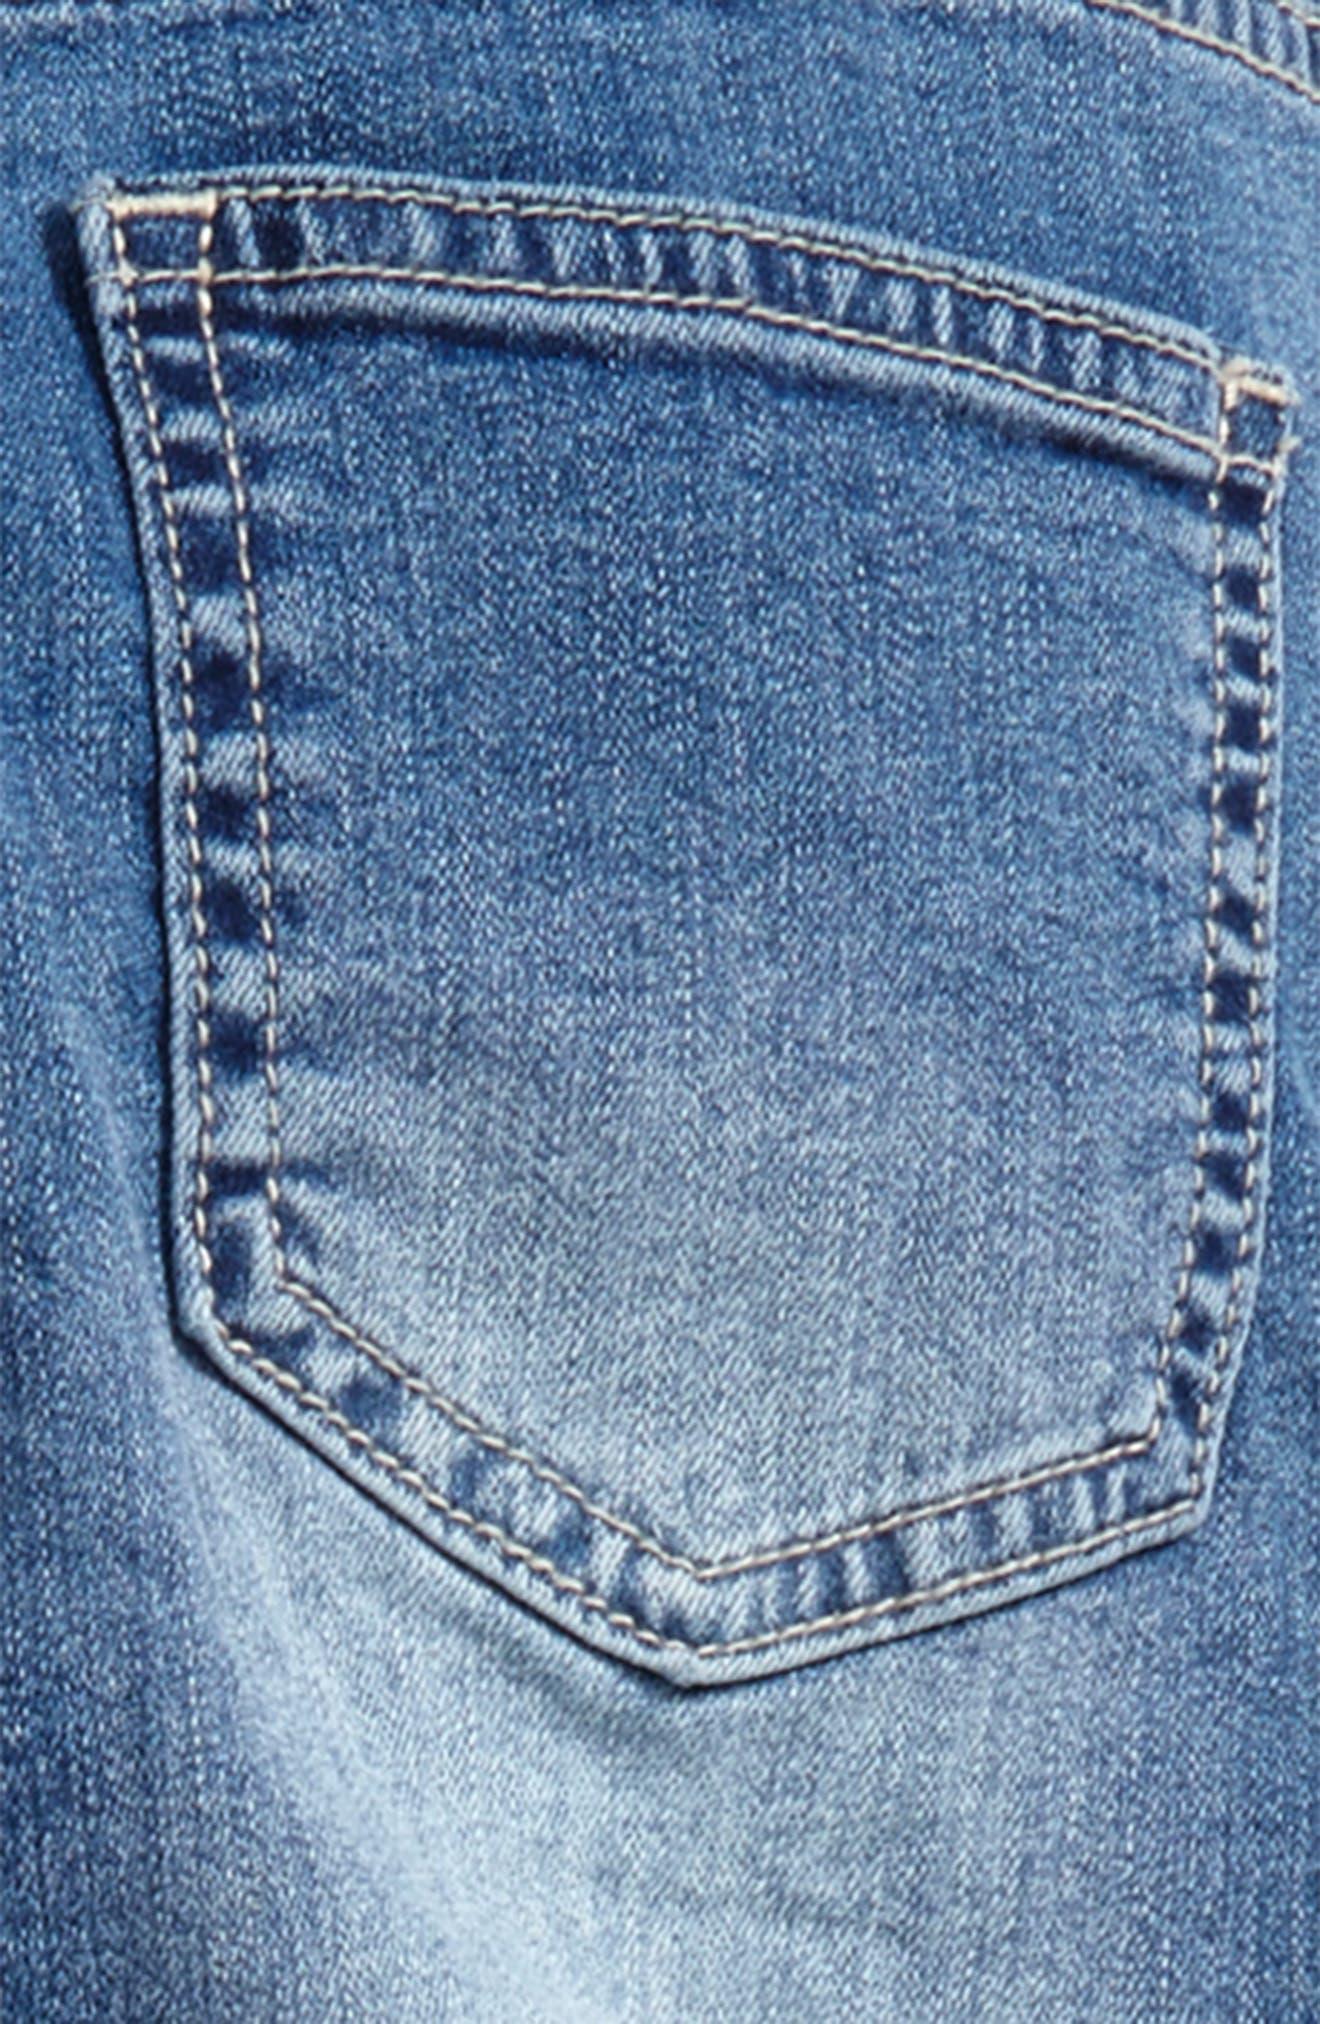 Alternate Image 3  - Billabong Side to Side Skinny Jeans (Big Girls)